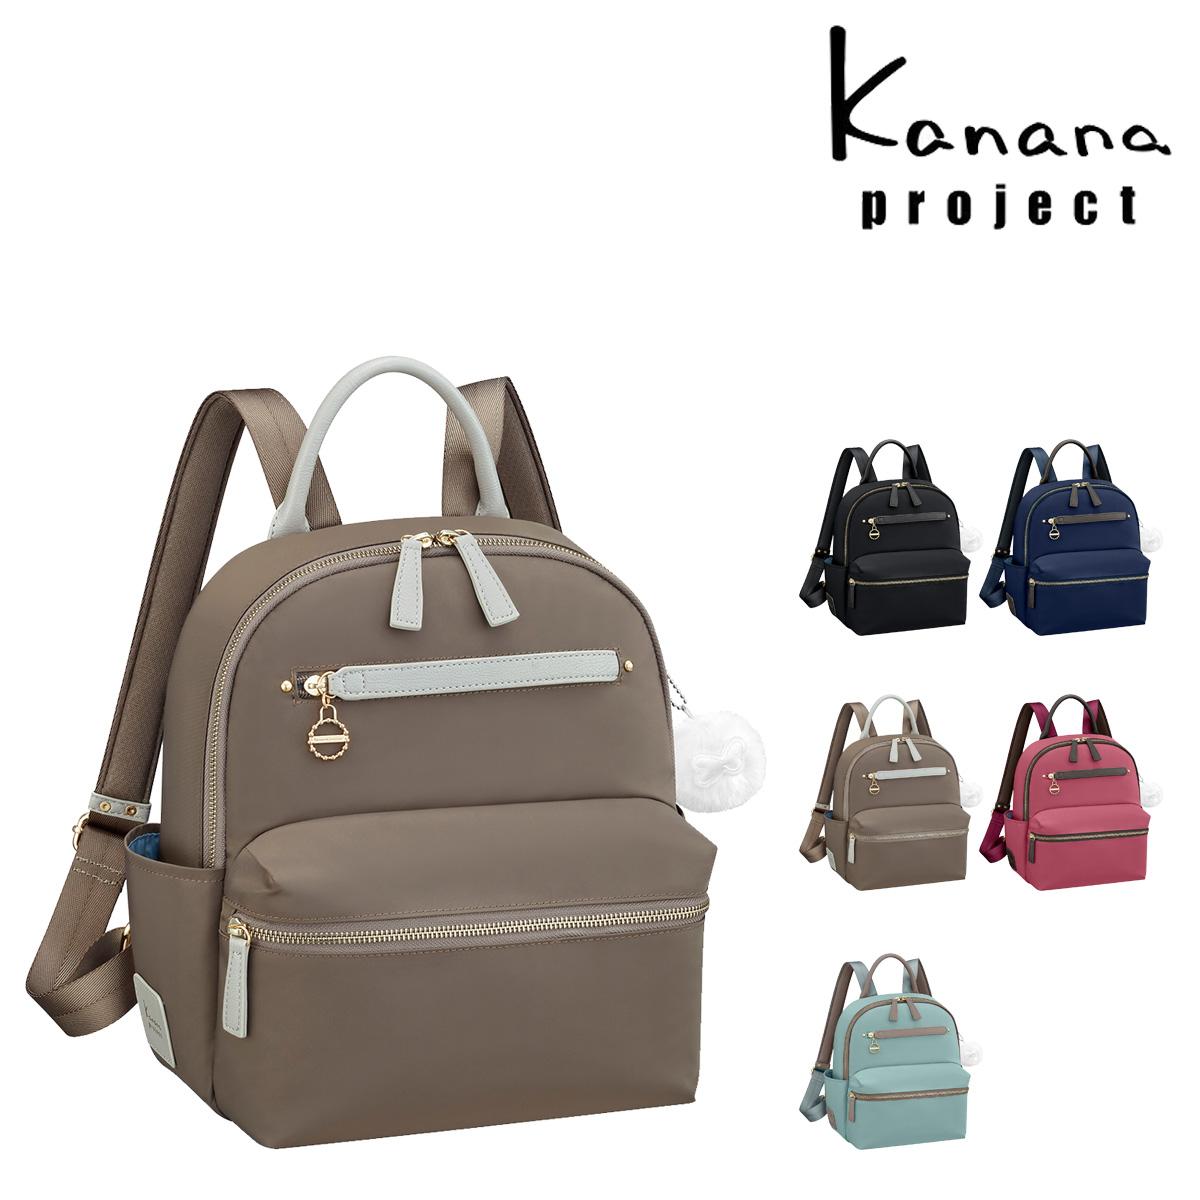 カナナプロジェクト リュック 7L レディース31901 kanana project   リュックサック マザーズリュック ママリュック[PO10][bef]